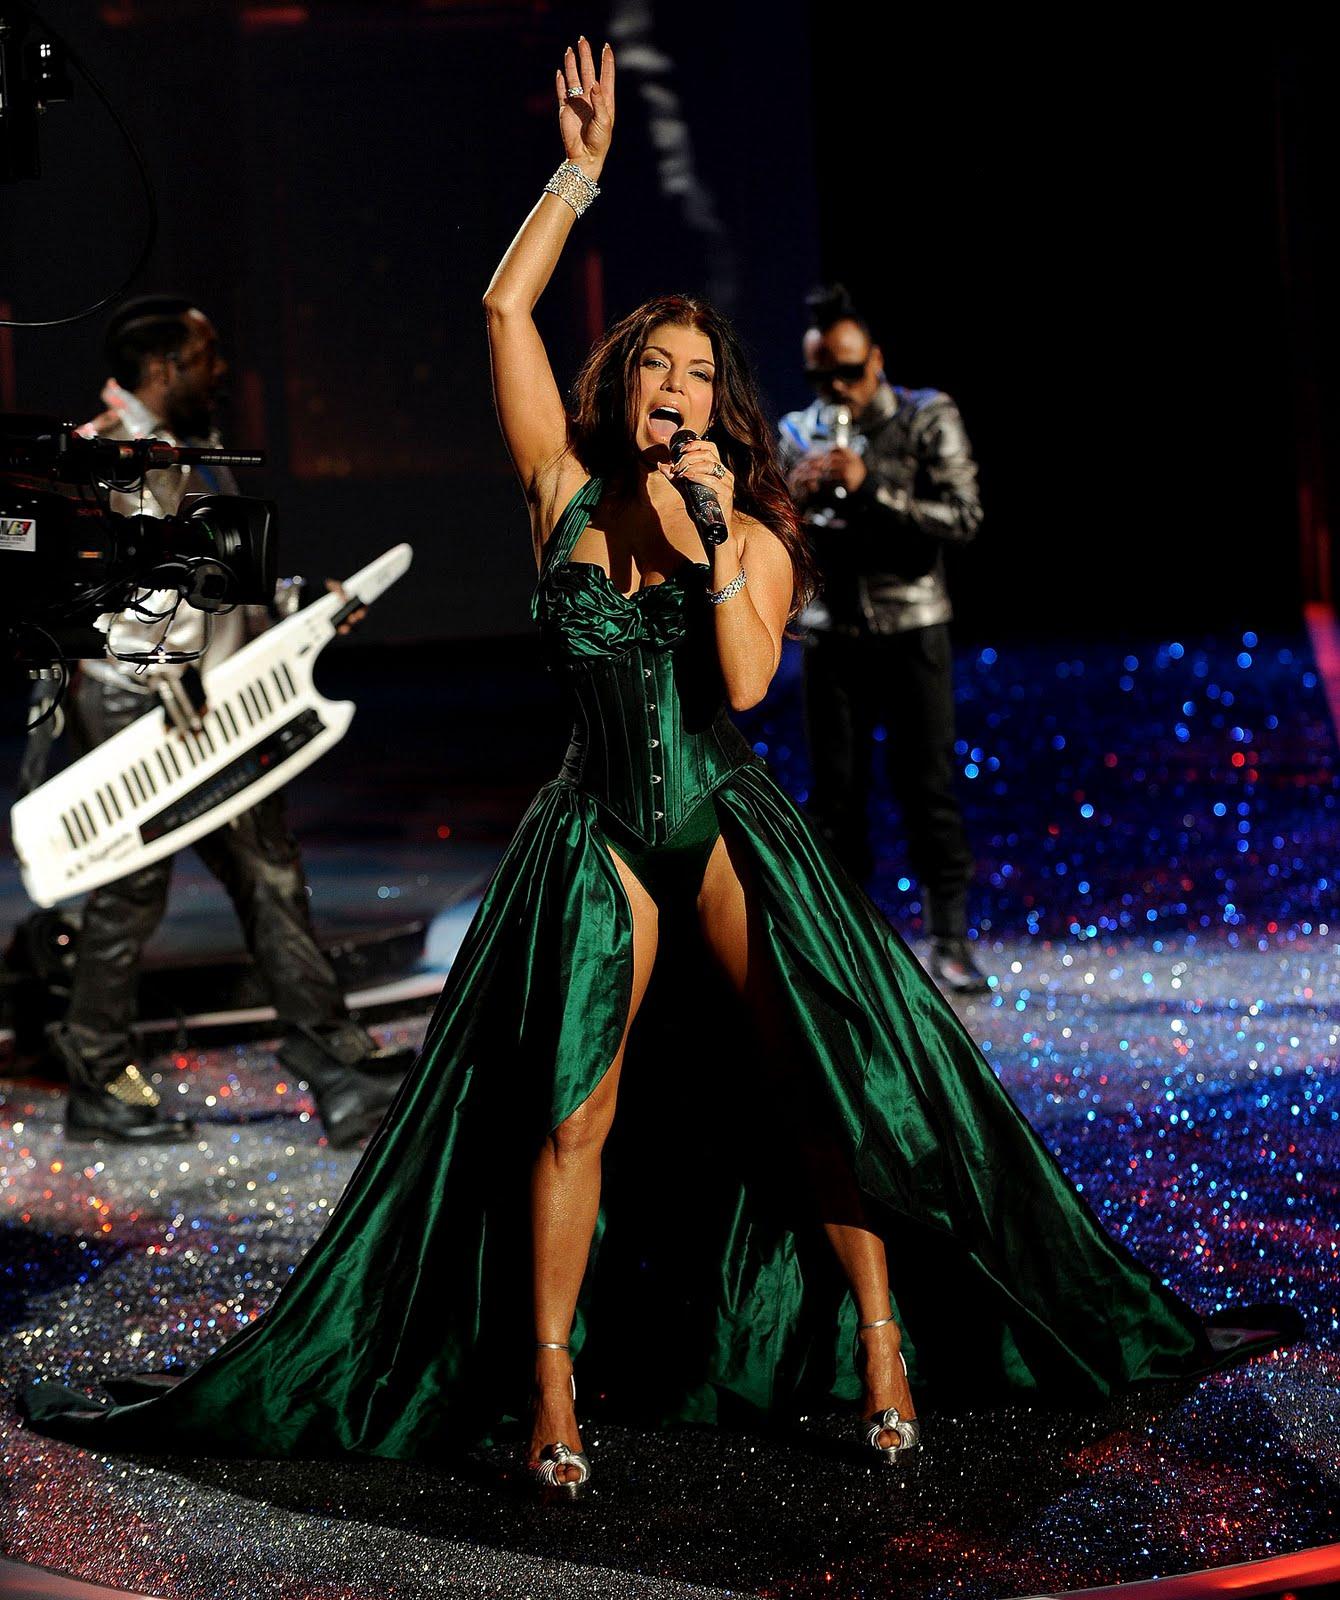 http://4.bp.blogspot.com/_TL3kwXYIJaI/SwhPeu7_npI/AAAAAAAADds/Ryq2OyCoUyE/s1600/The+2009+Victoria%27s+Secret+Fashion+Show+024.jpg